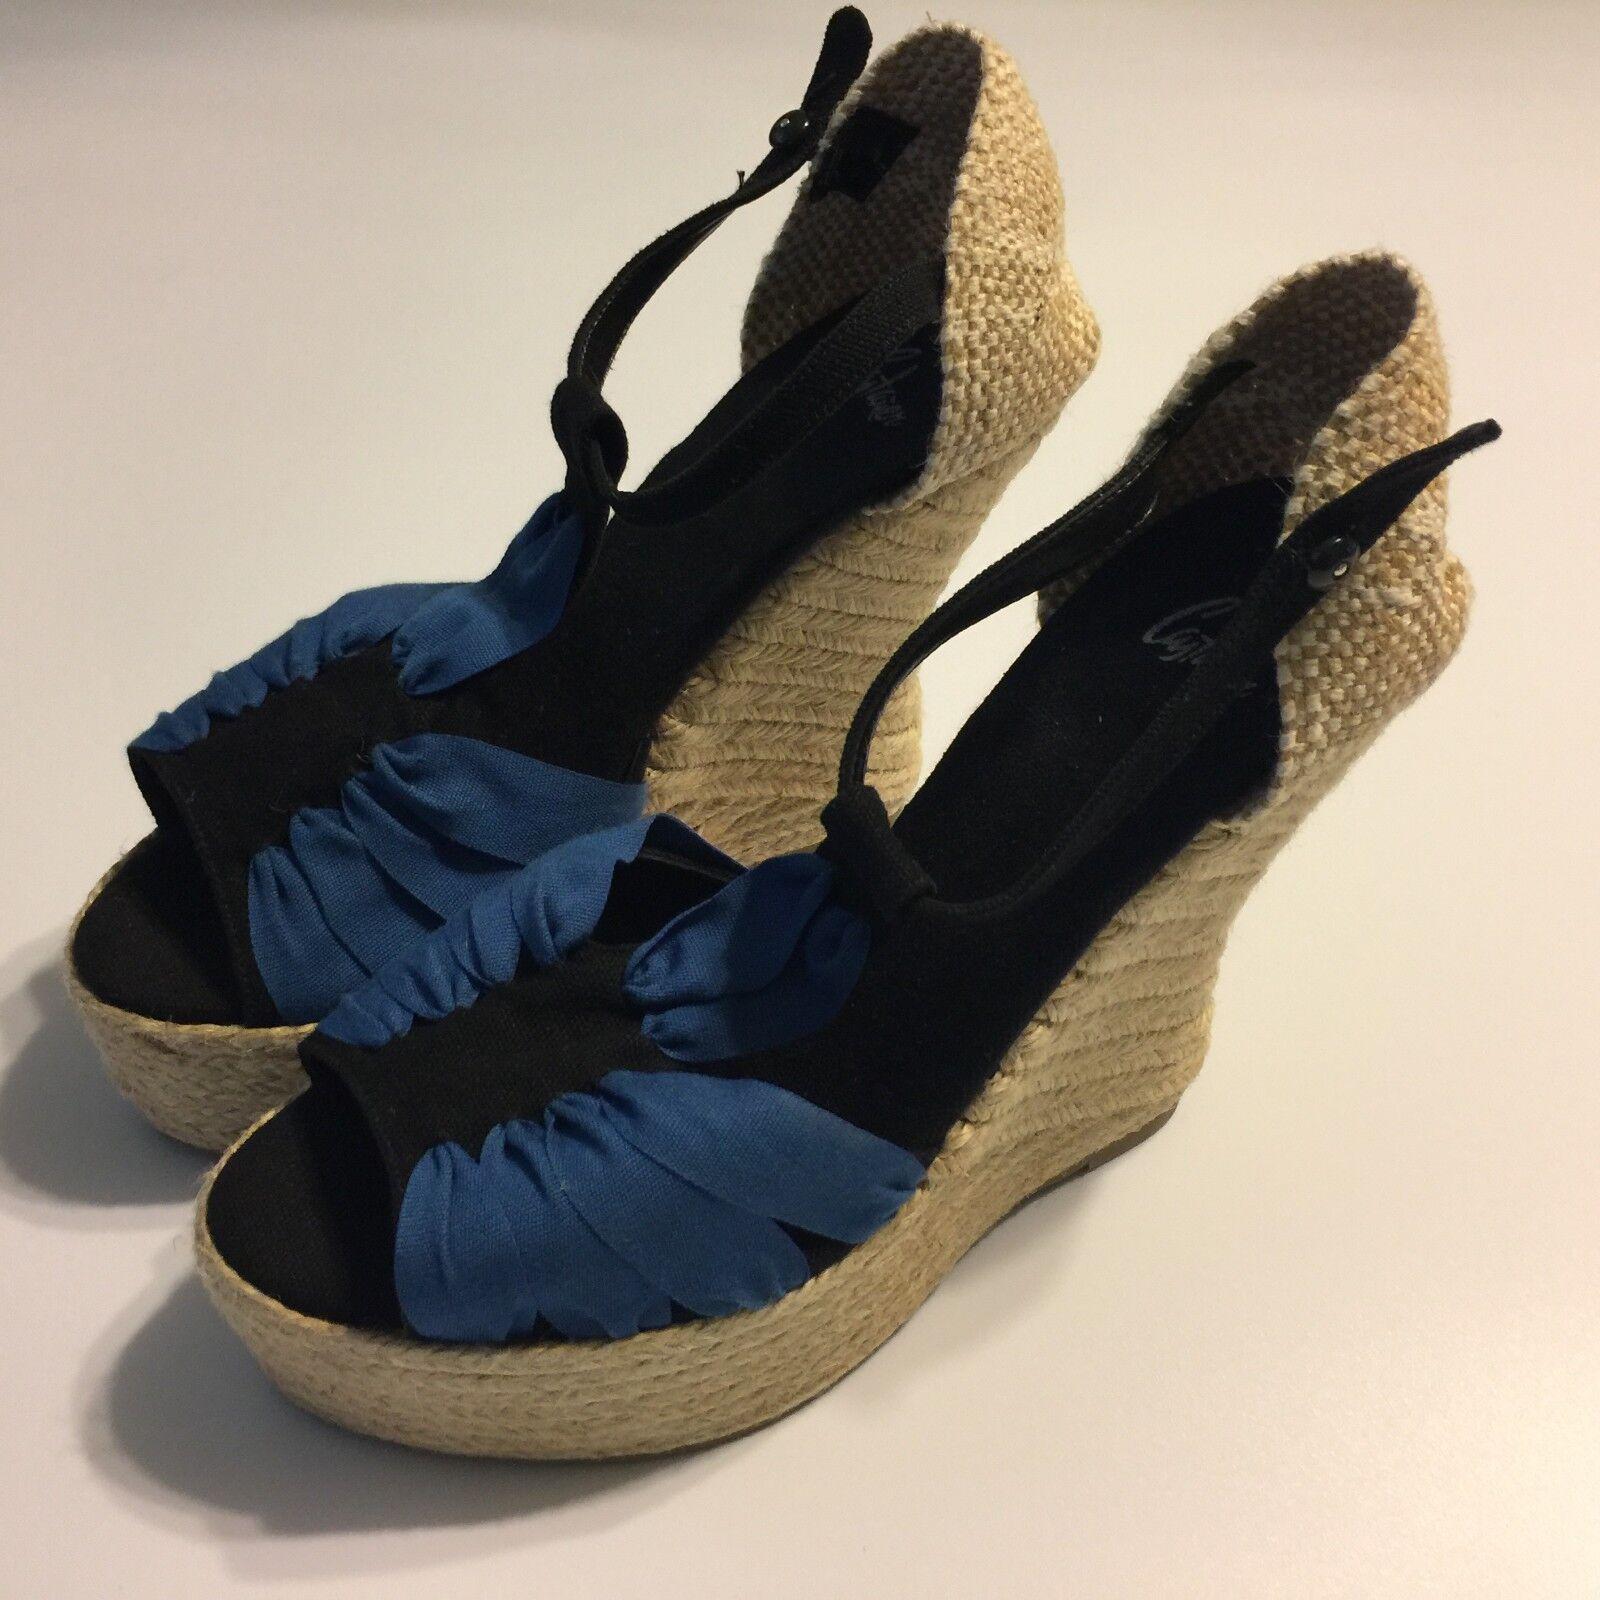 CASTANER Womens Open Toe WEDGE 5.5  Heel bluee Canvas Size 40 Spain 9 10